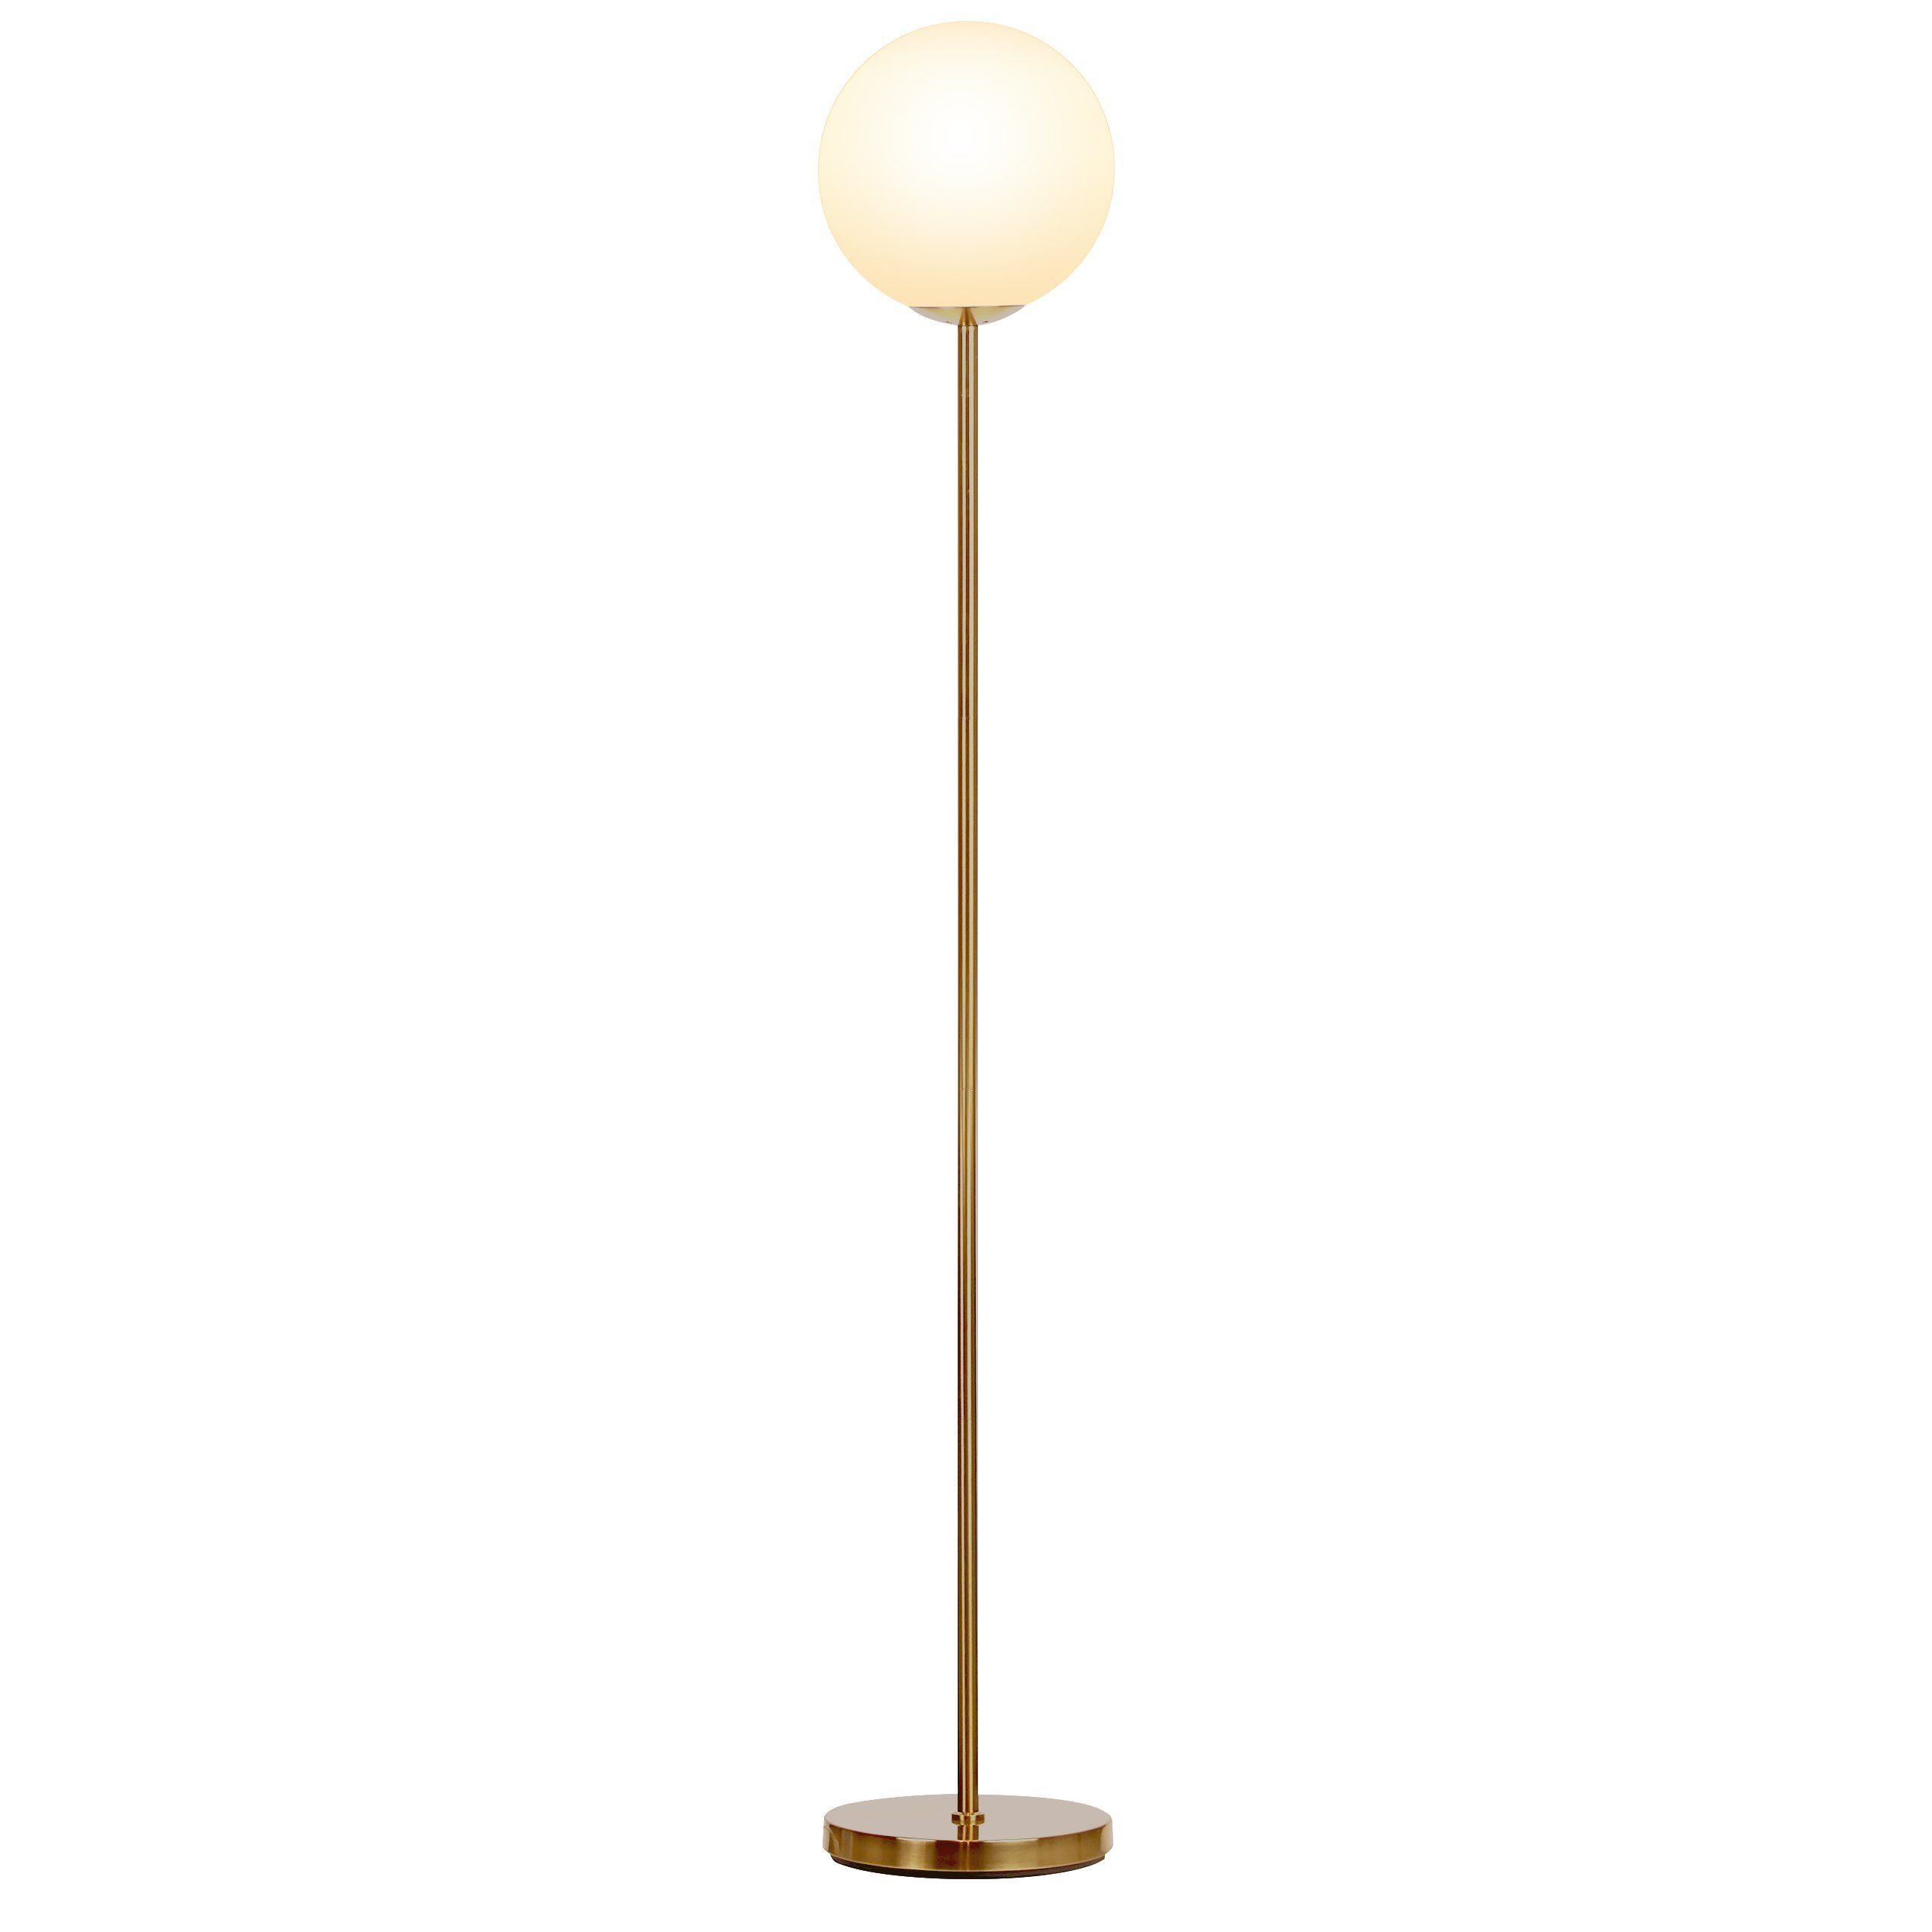 Brightech- Luna LED Globe Floor Lamp – Warm White Light - Energy ...